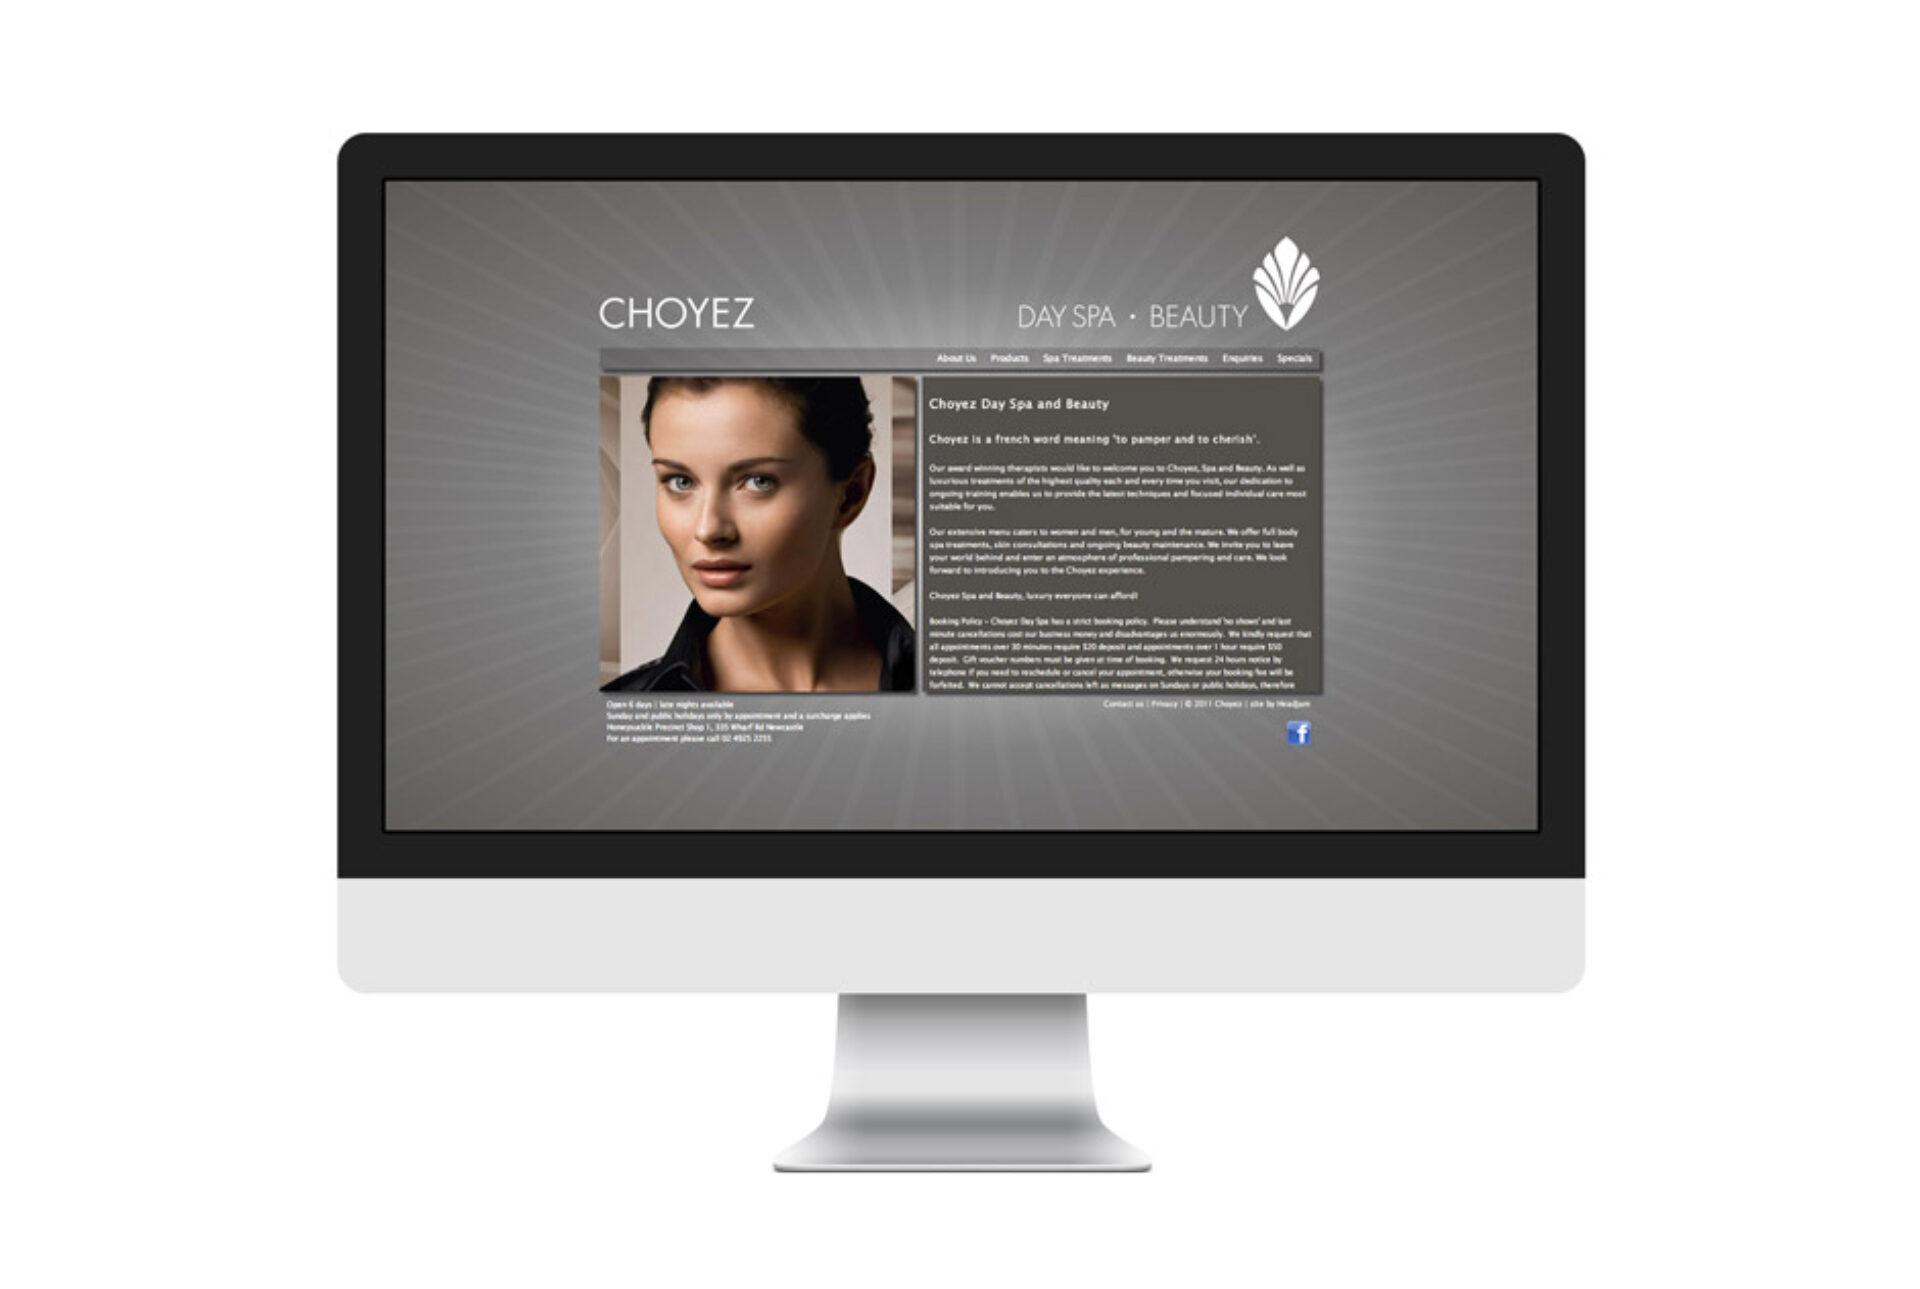 Choyez 06